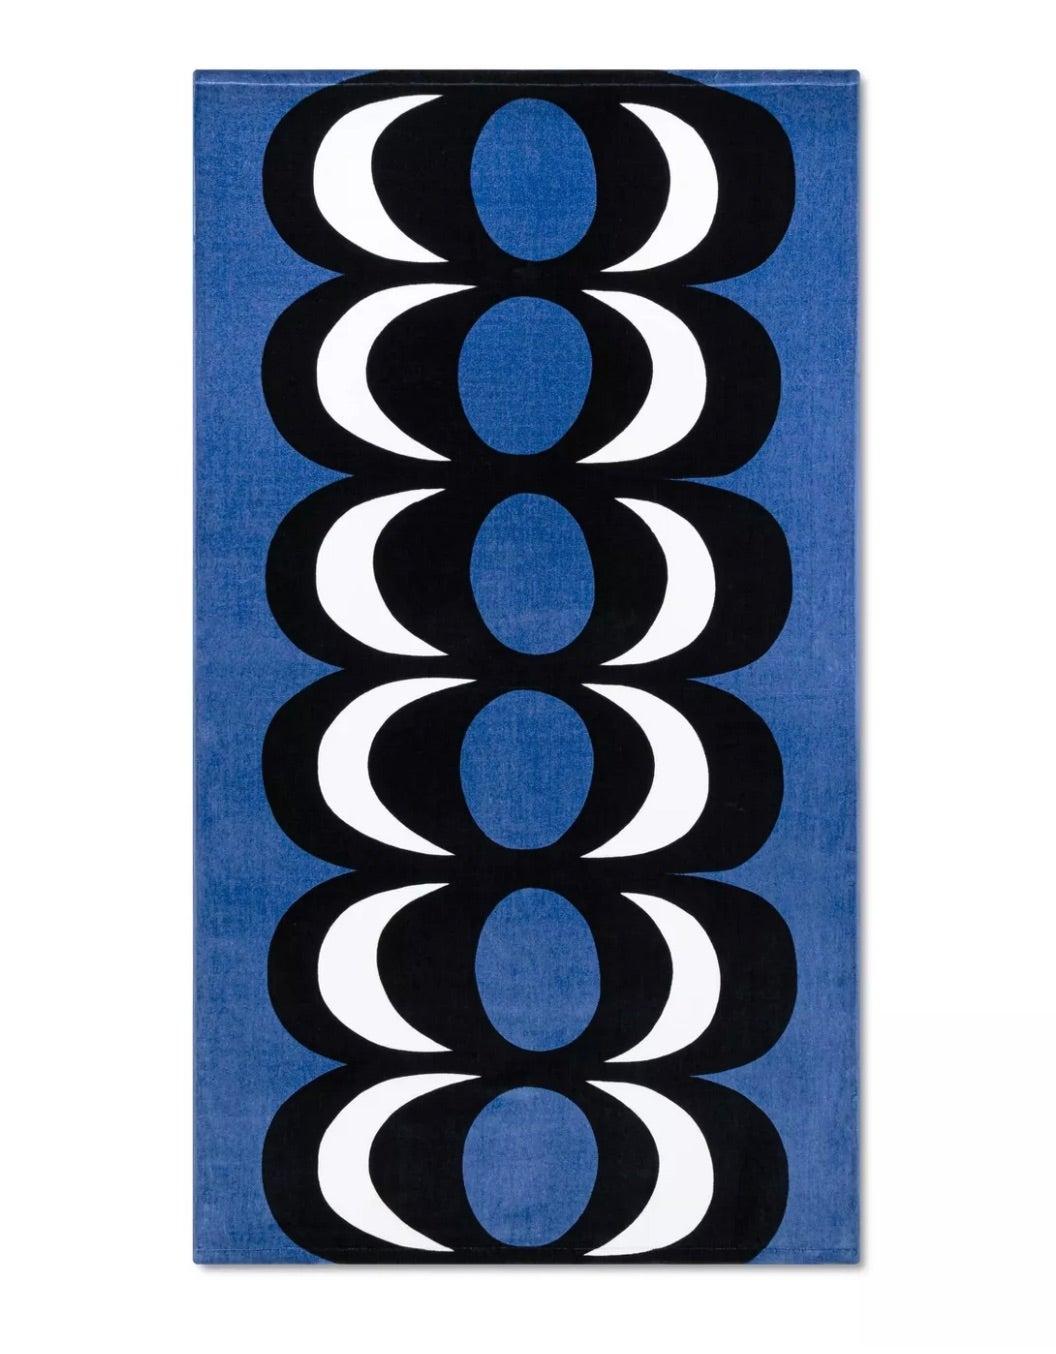 target-marimekko-towel